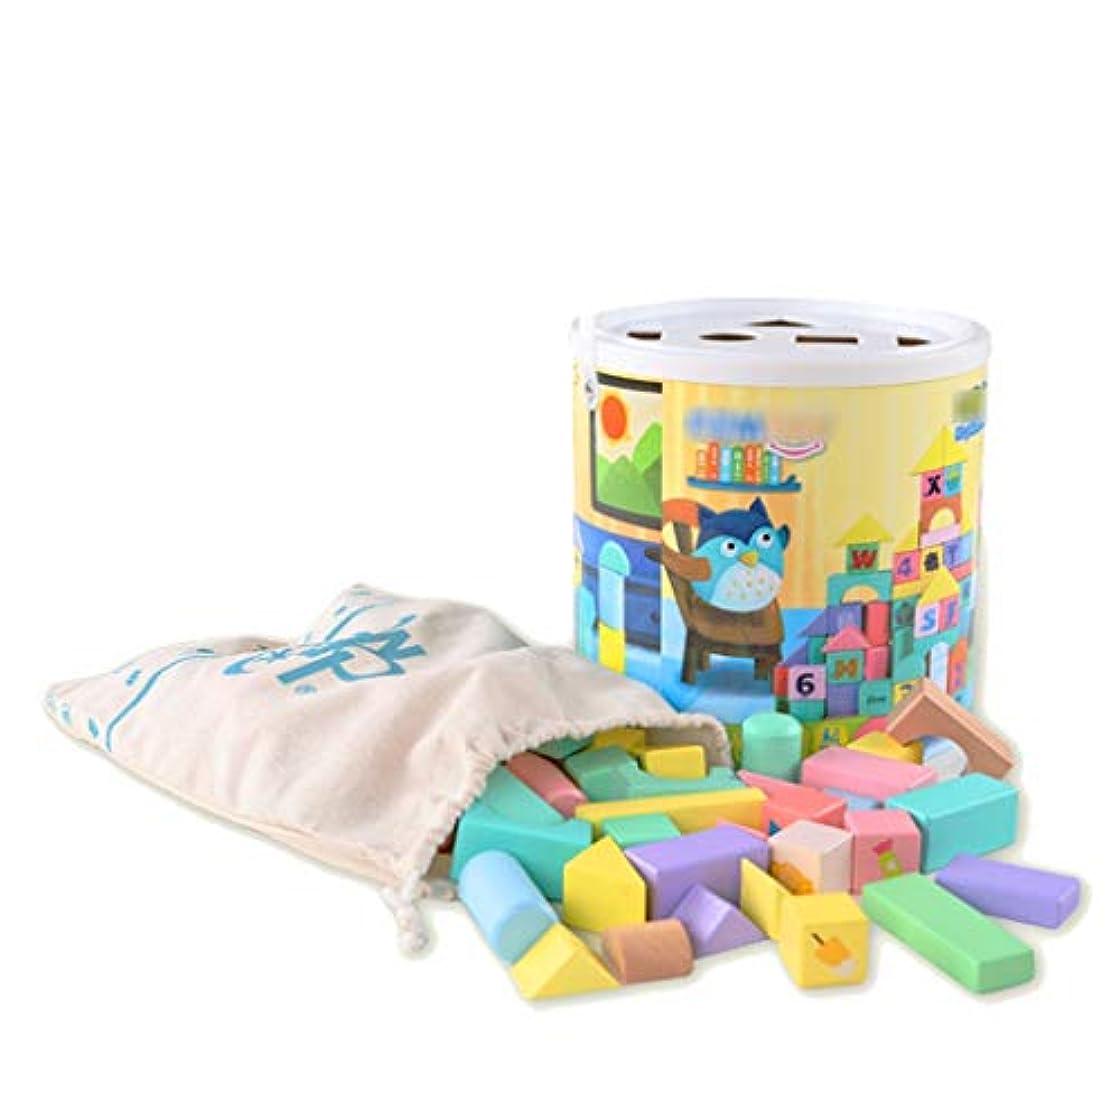 限りなく落ち着く翻訳100PCS木製のビルディングブロックを設定し、3-6歳の男の子か女の子のための子供の建設木製玩具 - 教育玩具 (色 : Multi-colored)